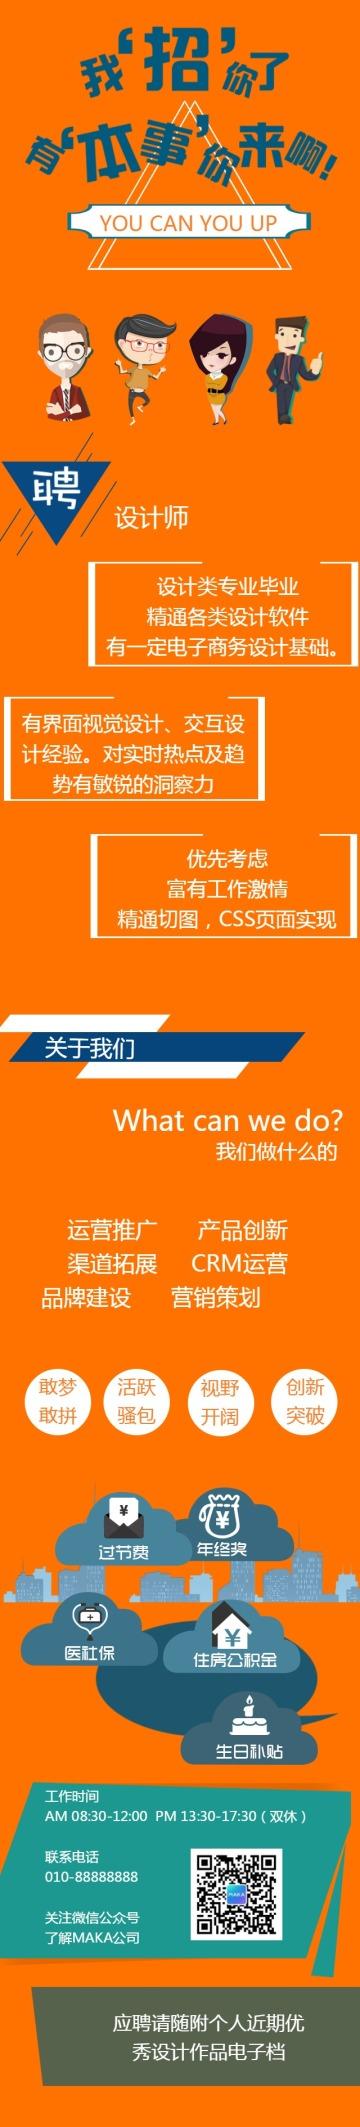 扁平简约橙色互联网企业校园招聘介绍推广单页